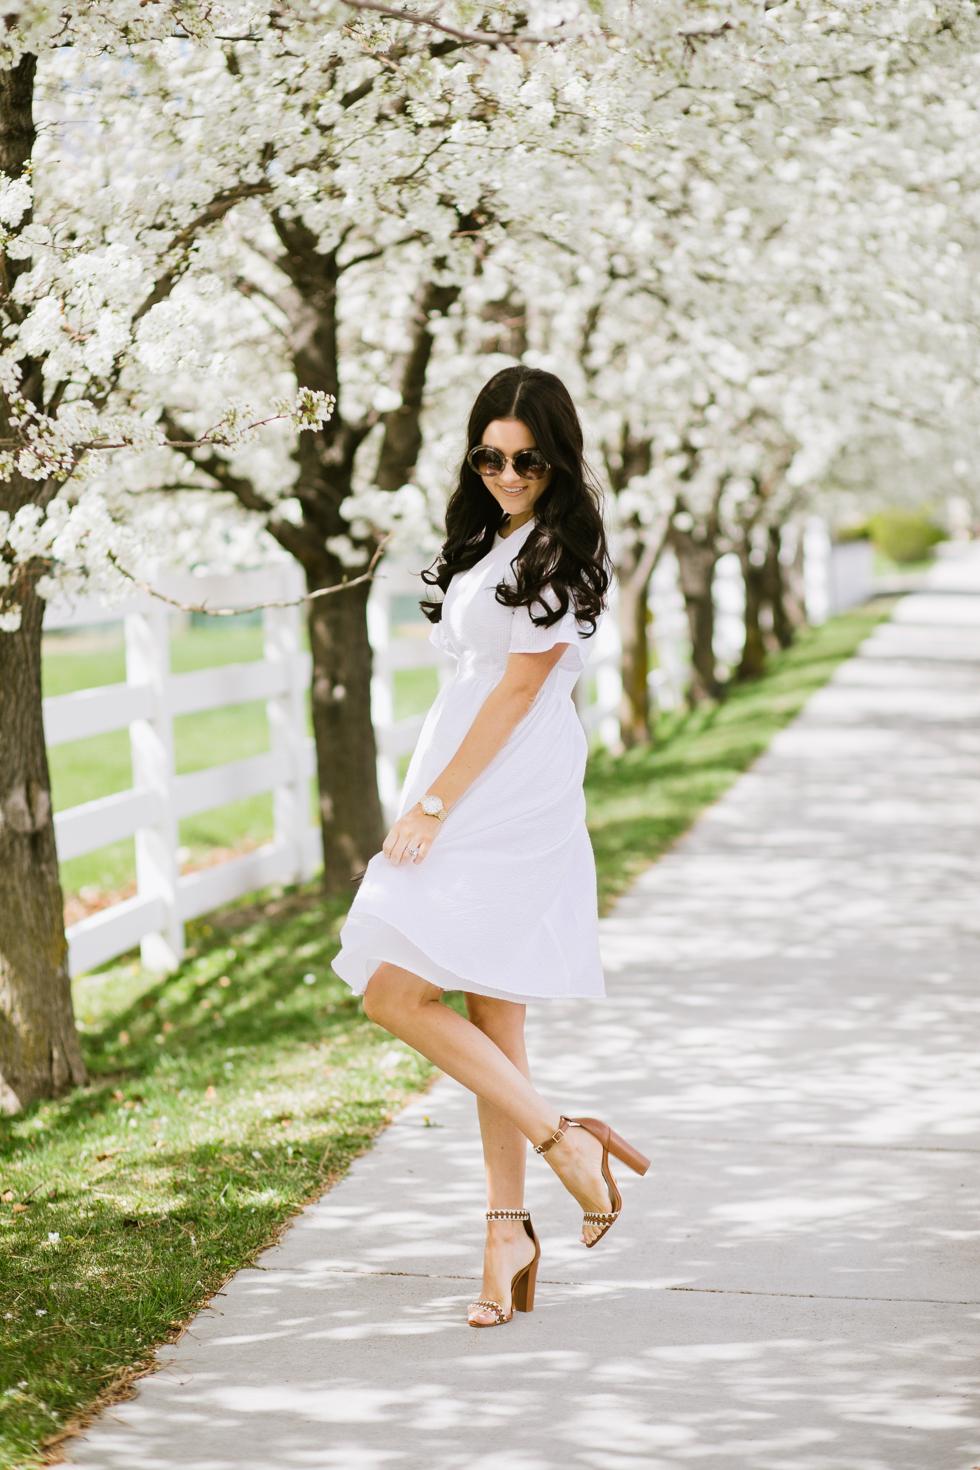 white-seer-sucker-dress-rachel-parcell - 4